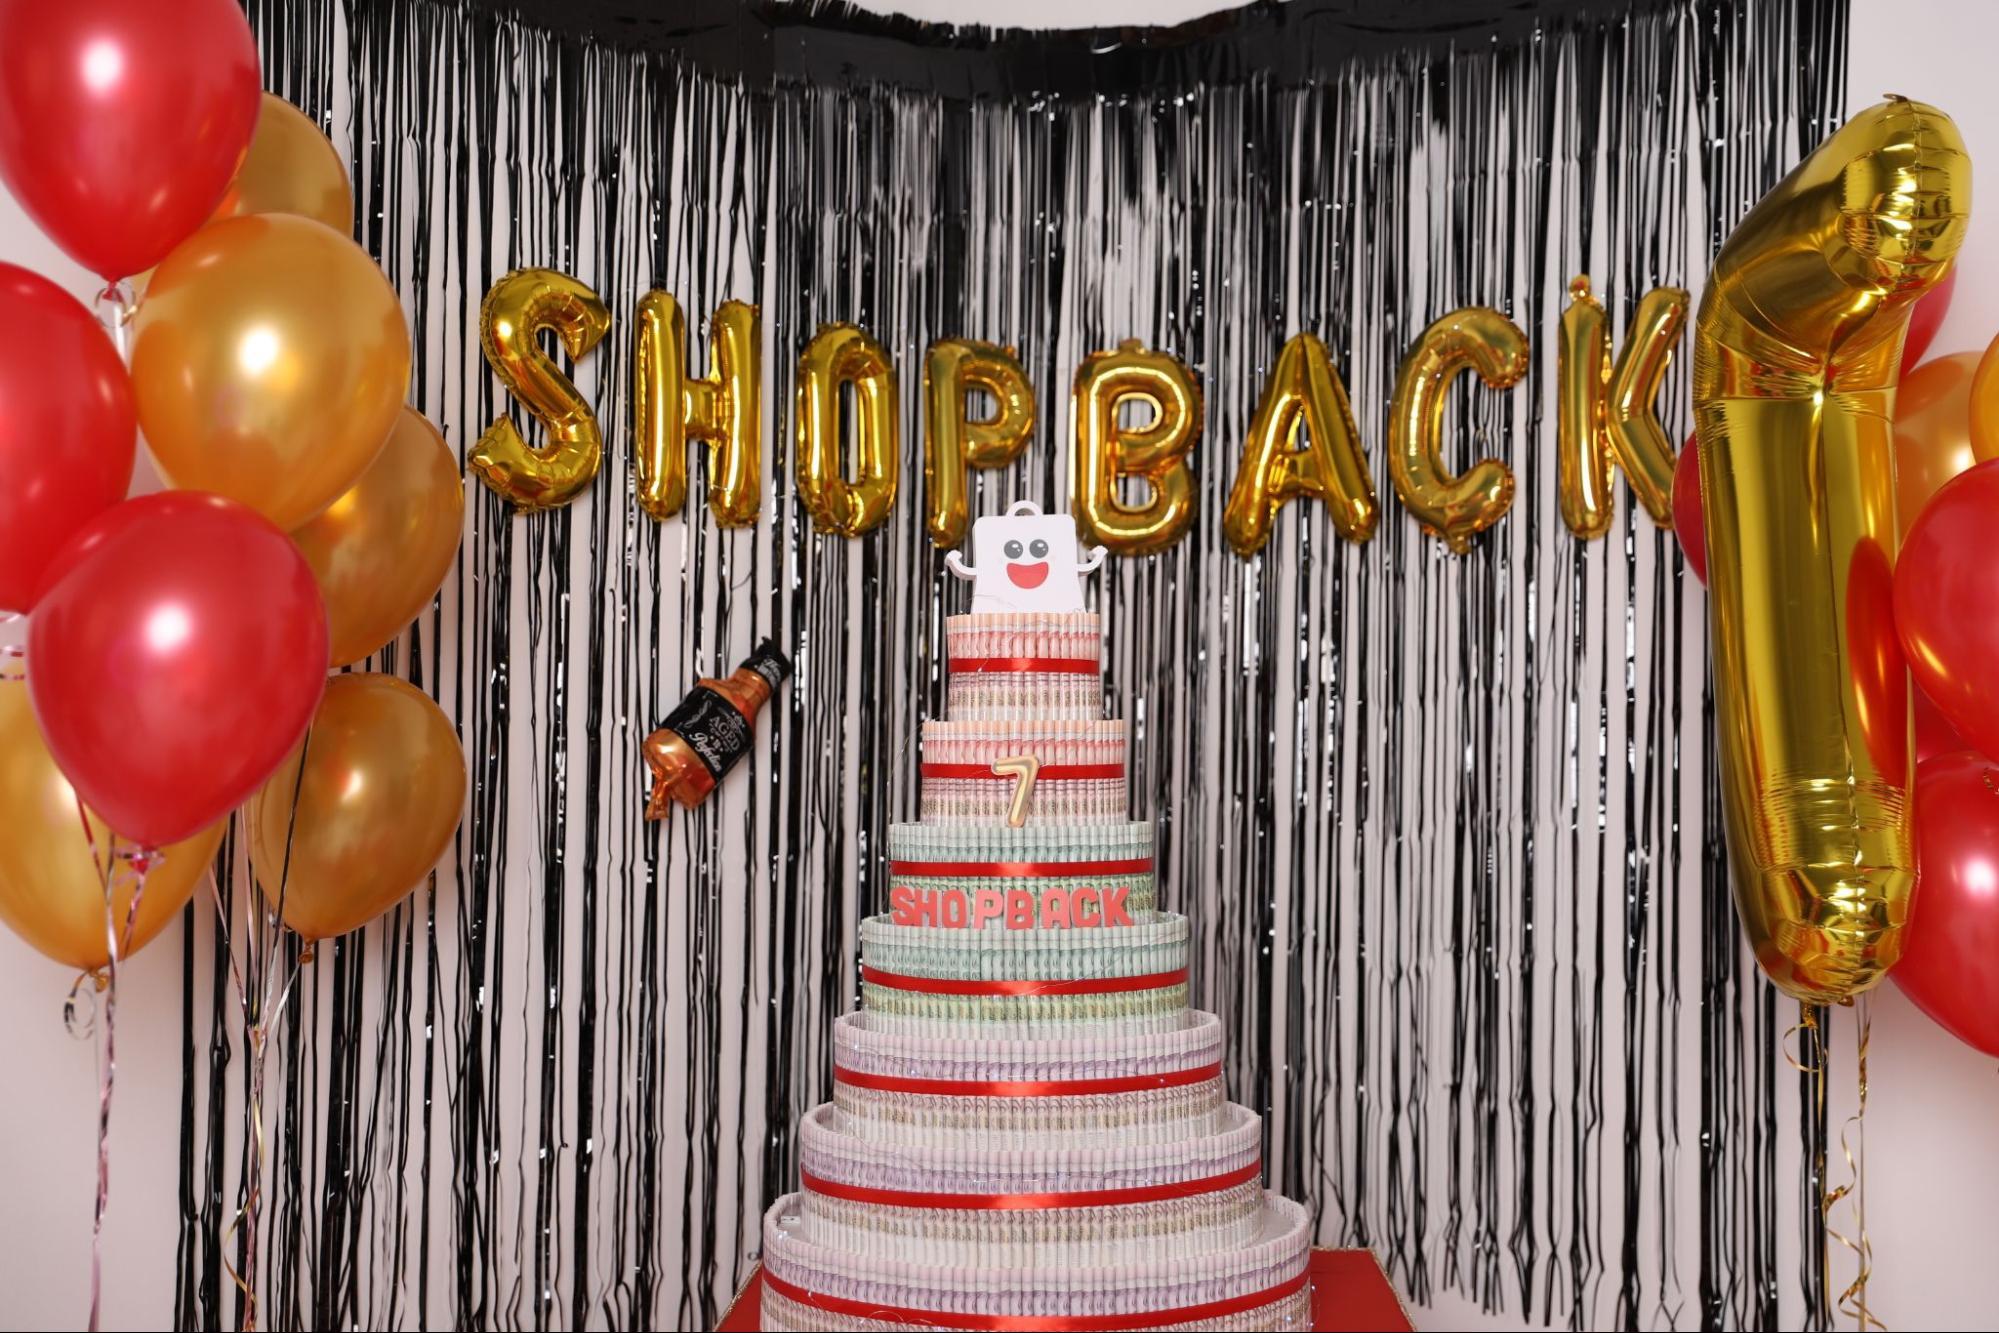 Shopback birthday sale 2021 - Birthday Cash Cake